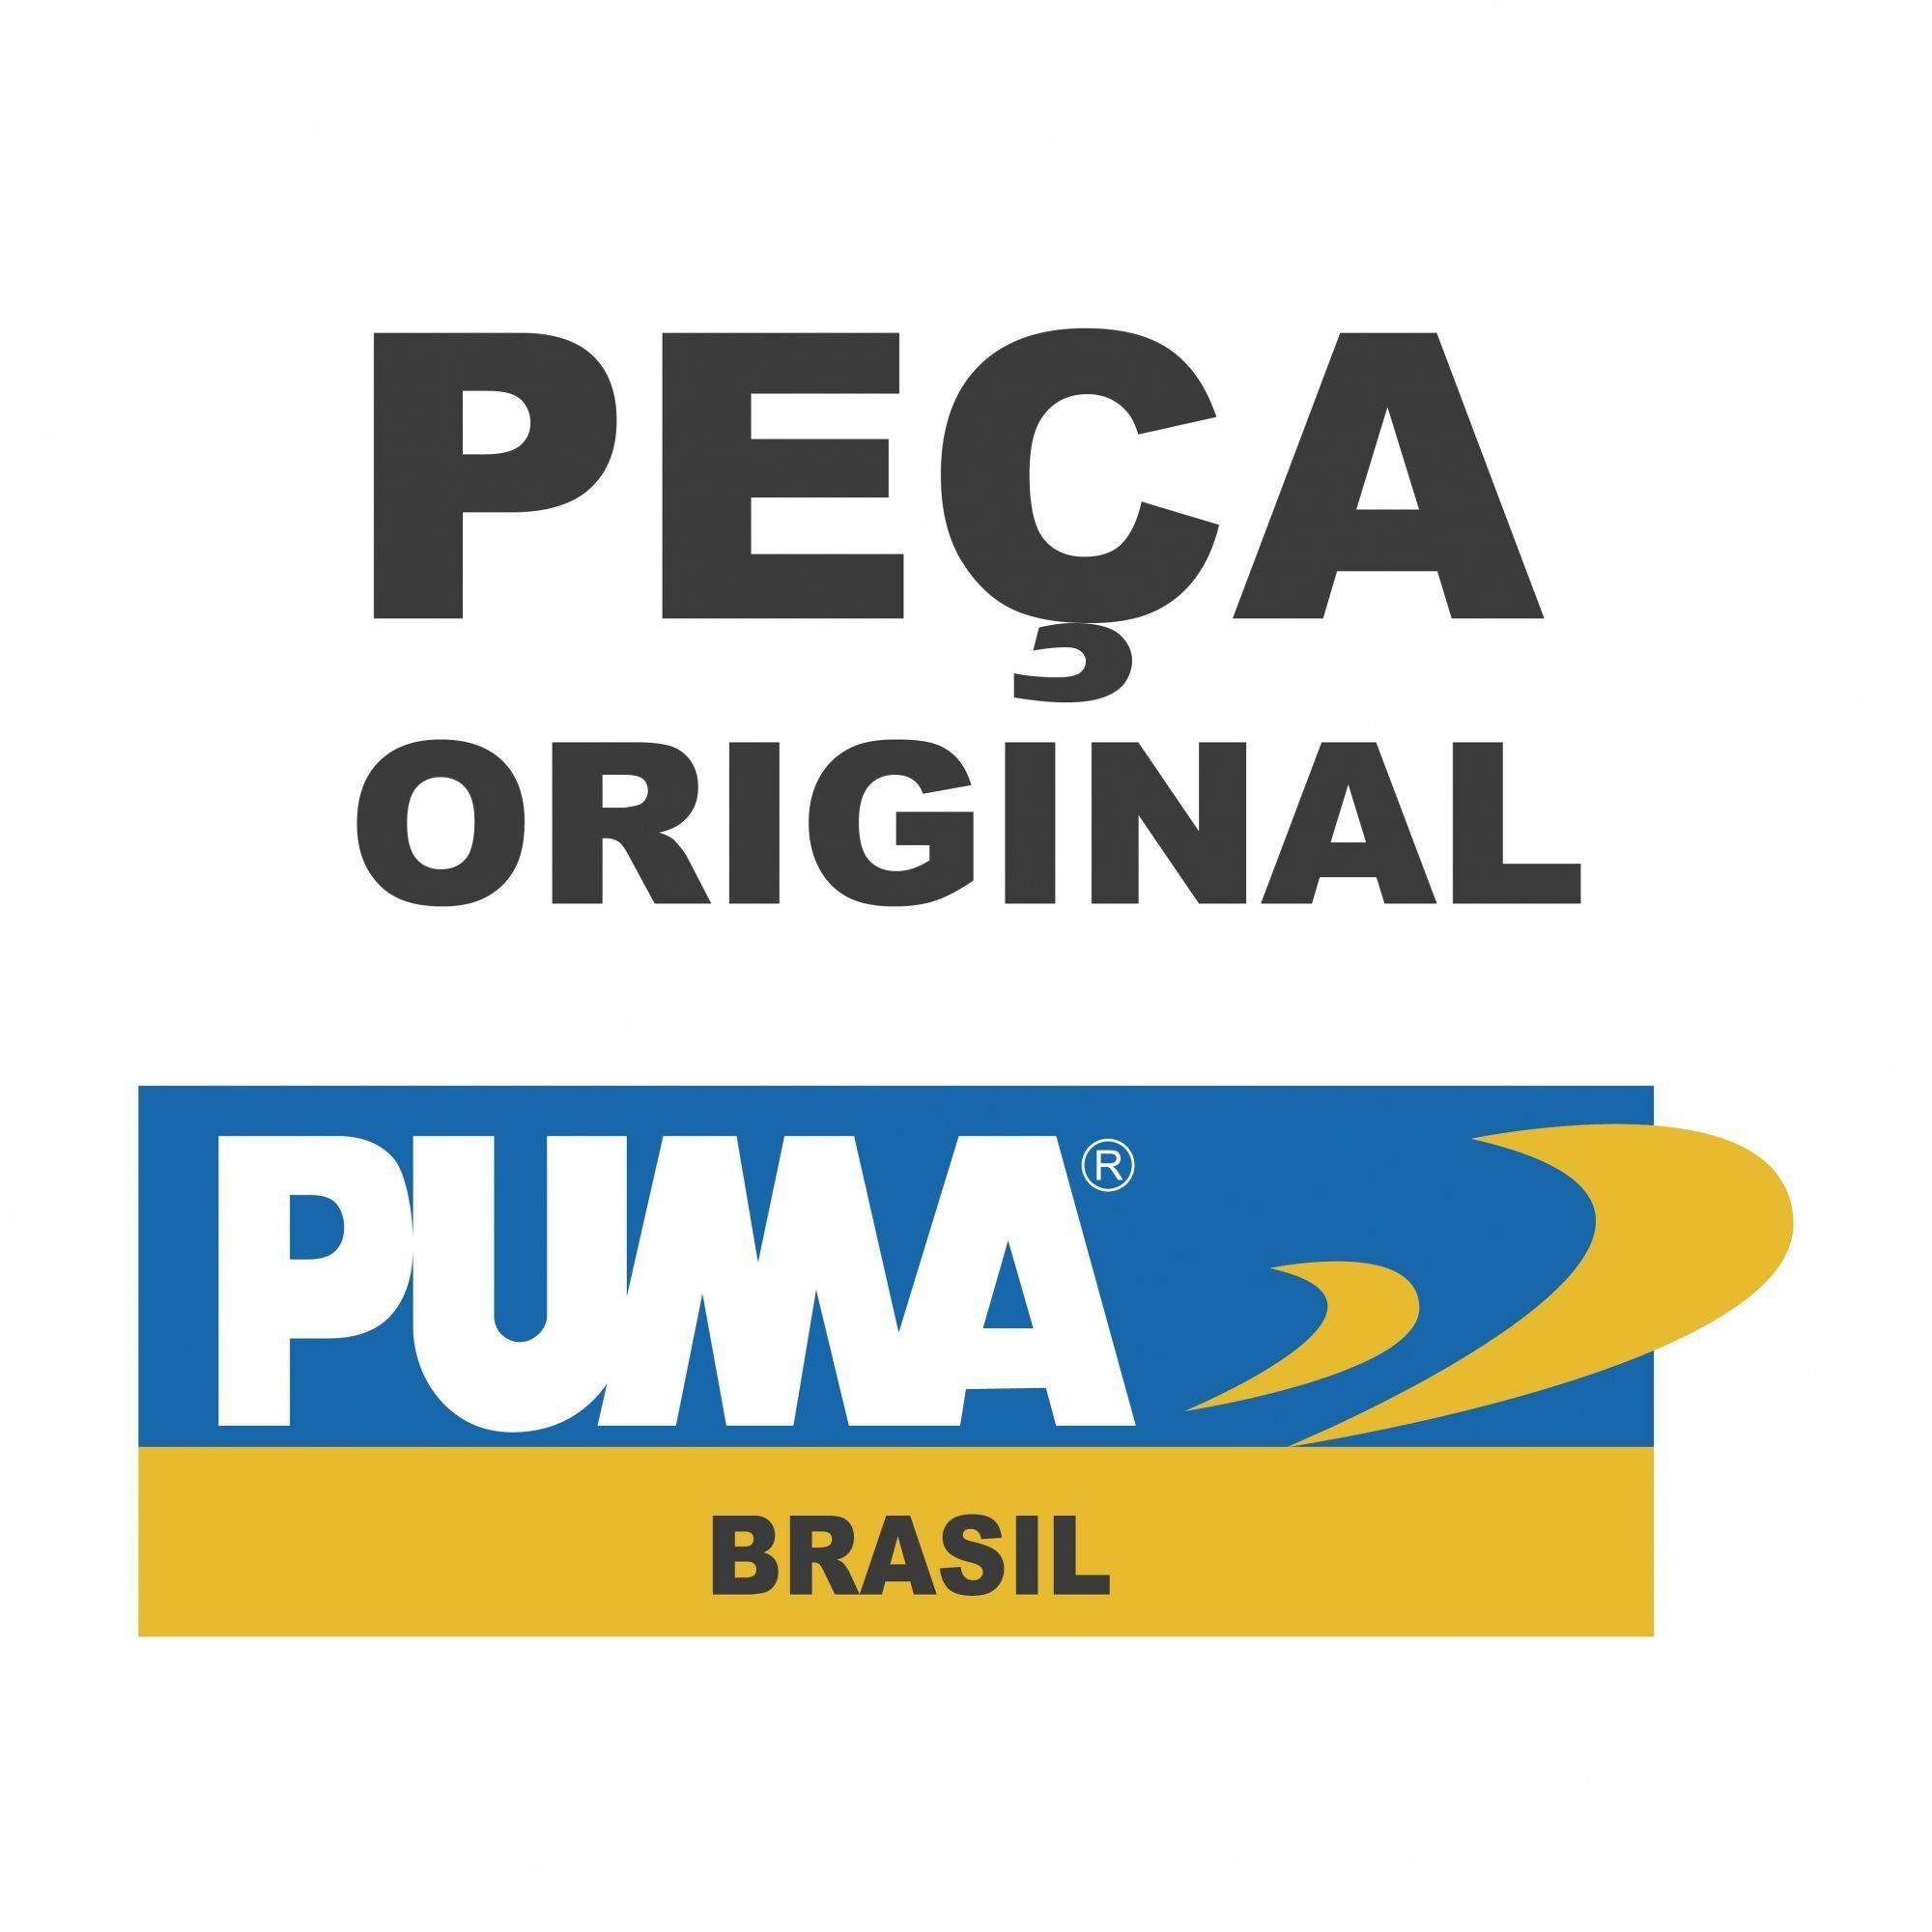 O'RING - PEÇA PNEUMÁTICA PUMA - T7032DI-05